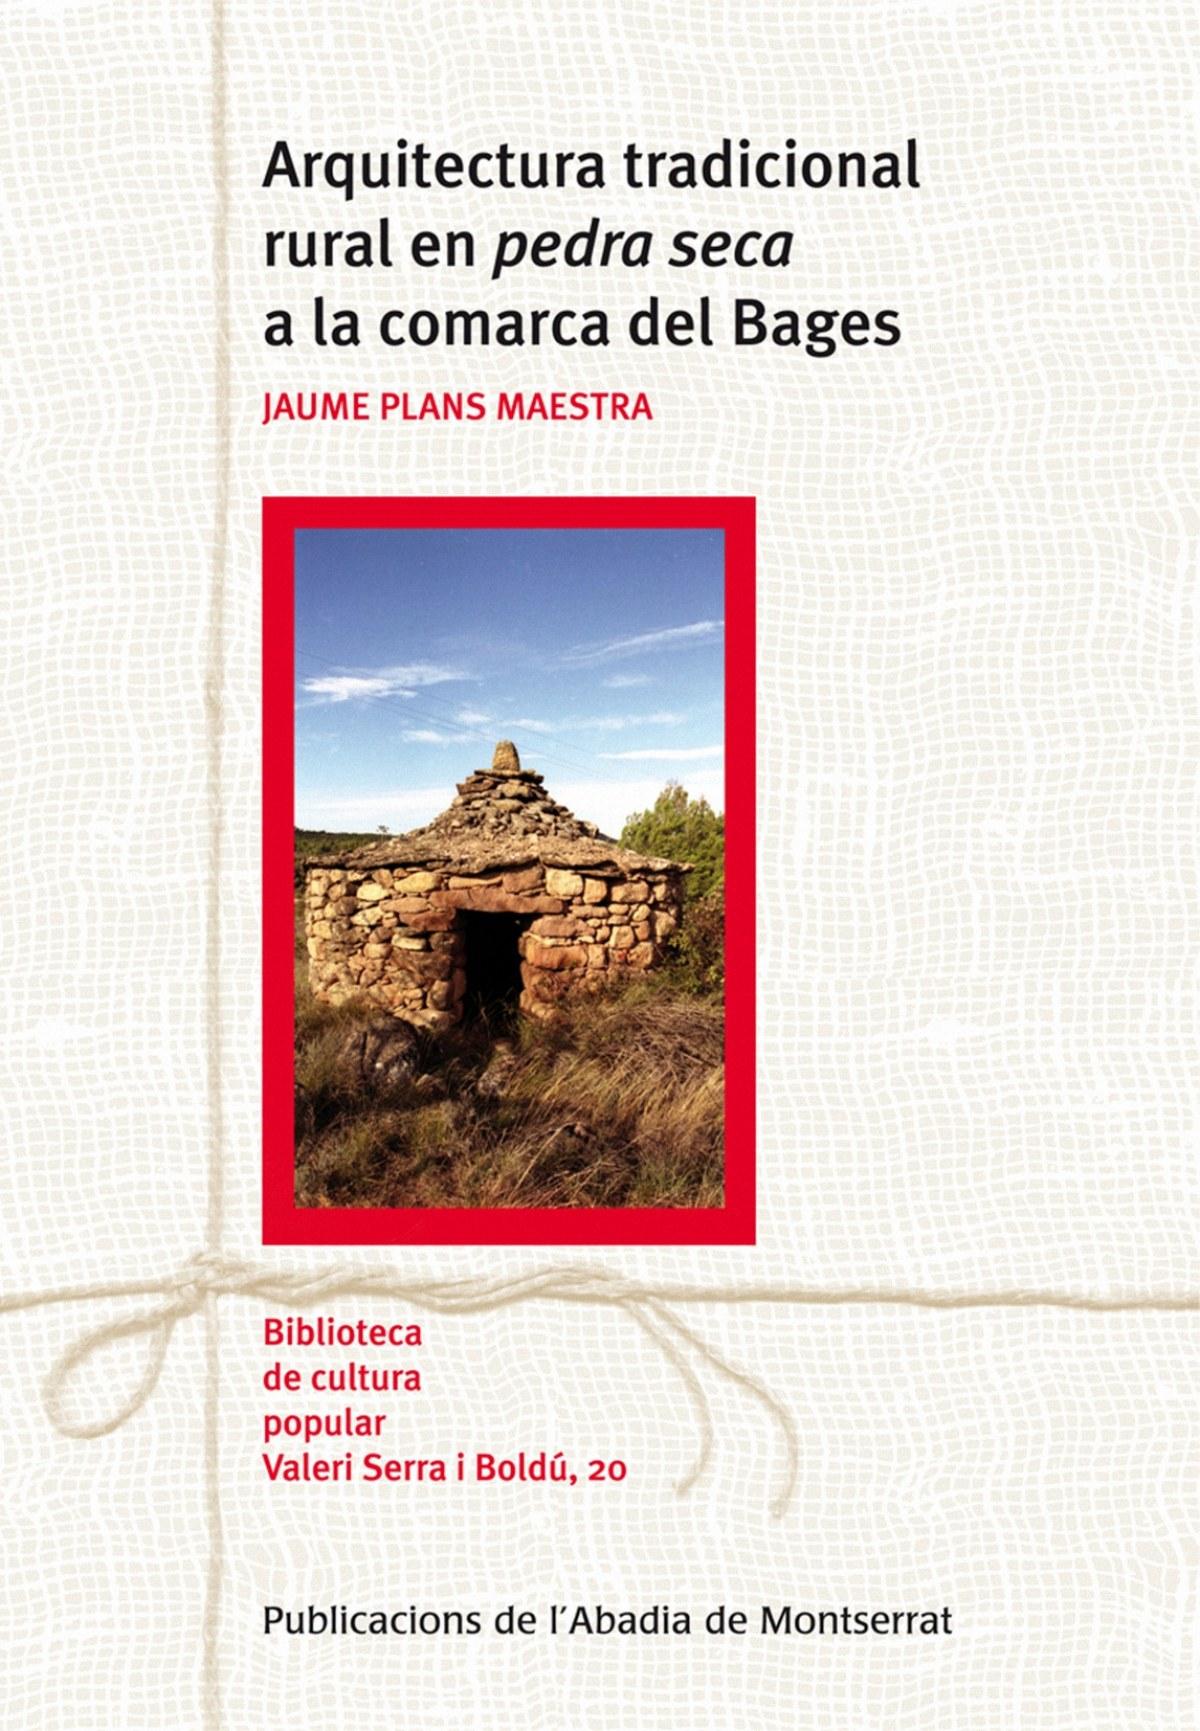 Arquitectura tradicional rural en pedra seca a la comarca del Bages